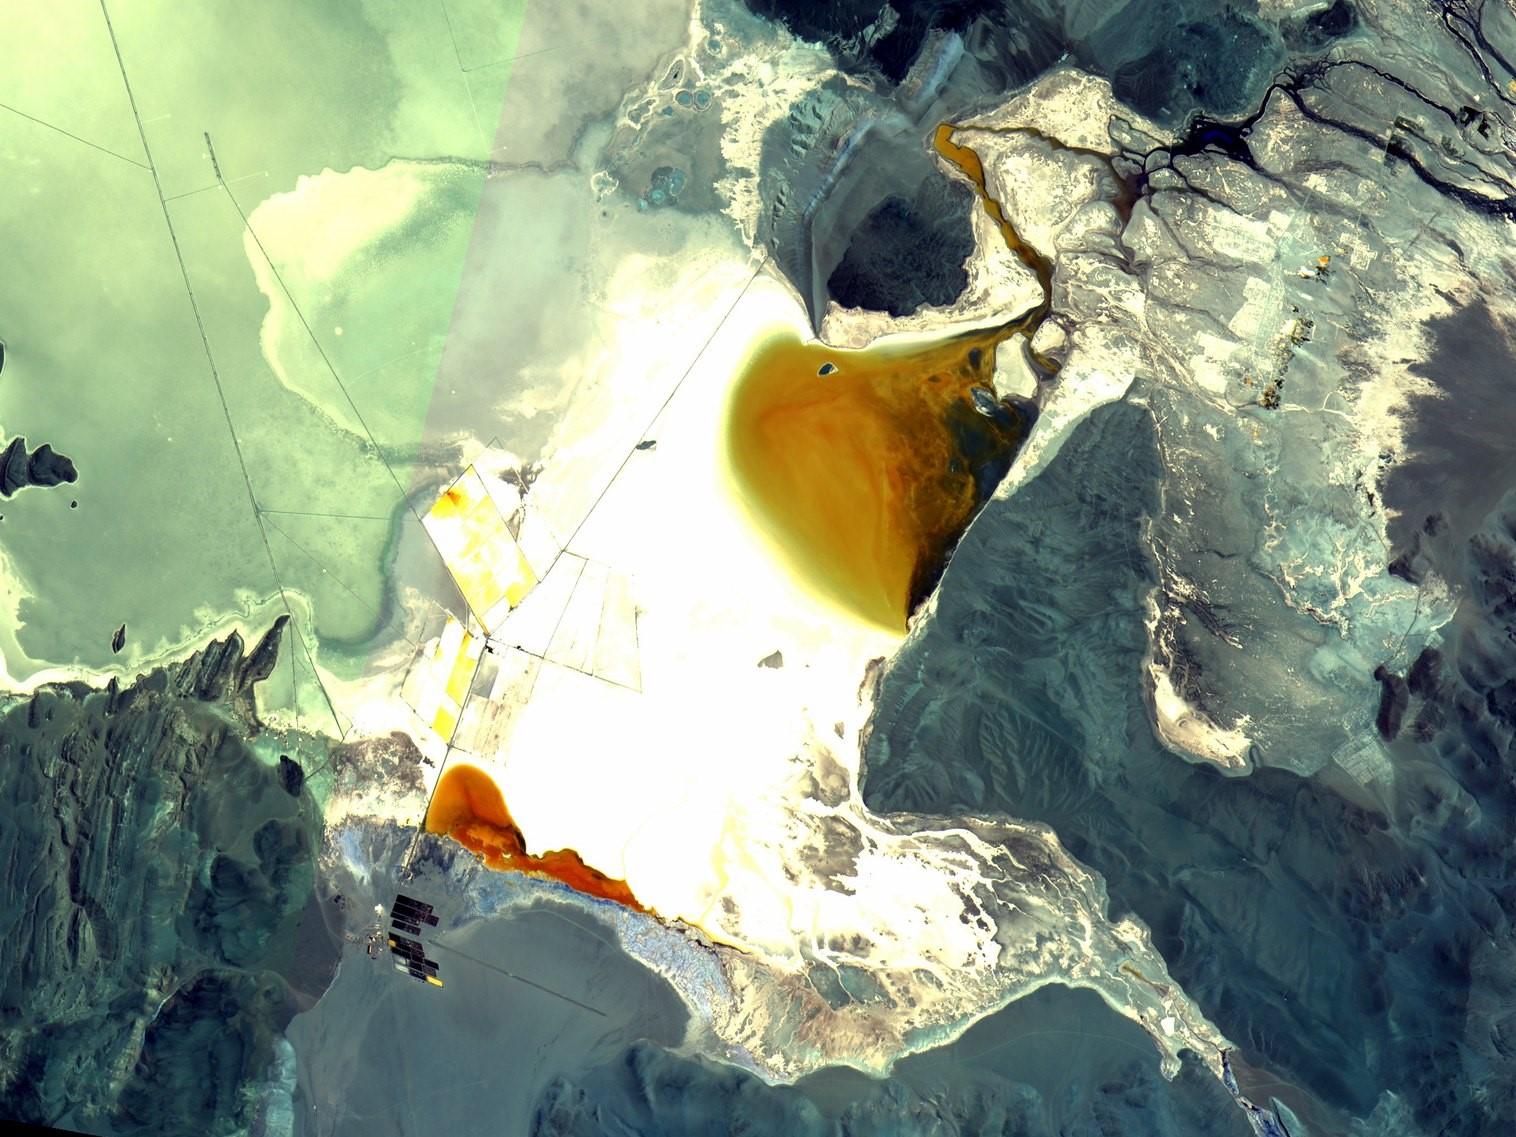 Bloco quer conhecer posição dos Municípios abrangidos pelos pedidos de prospecção de minérios